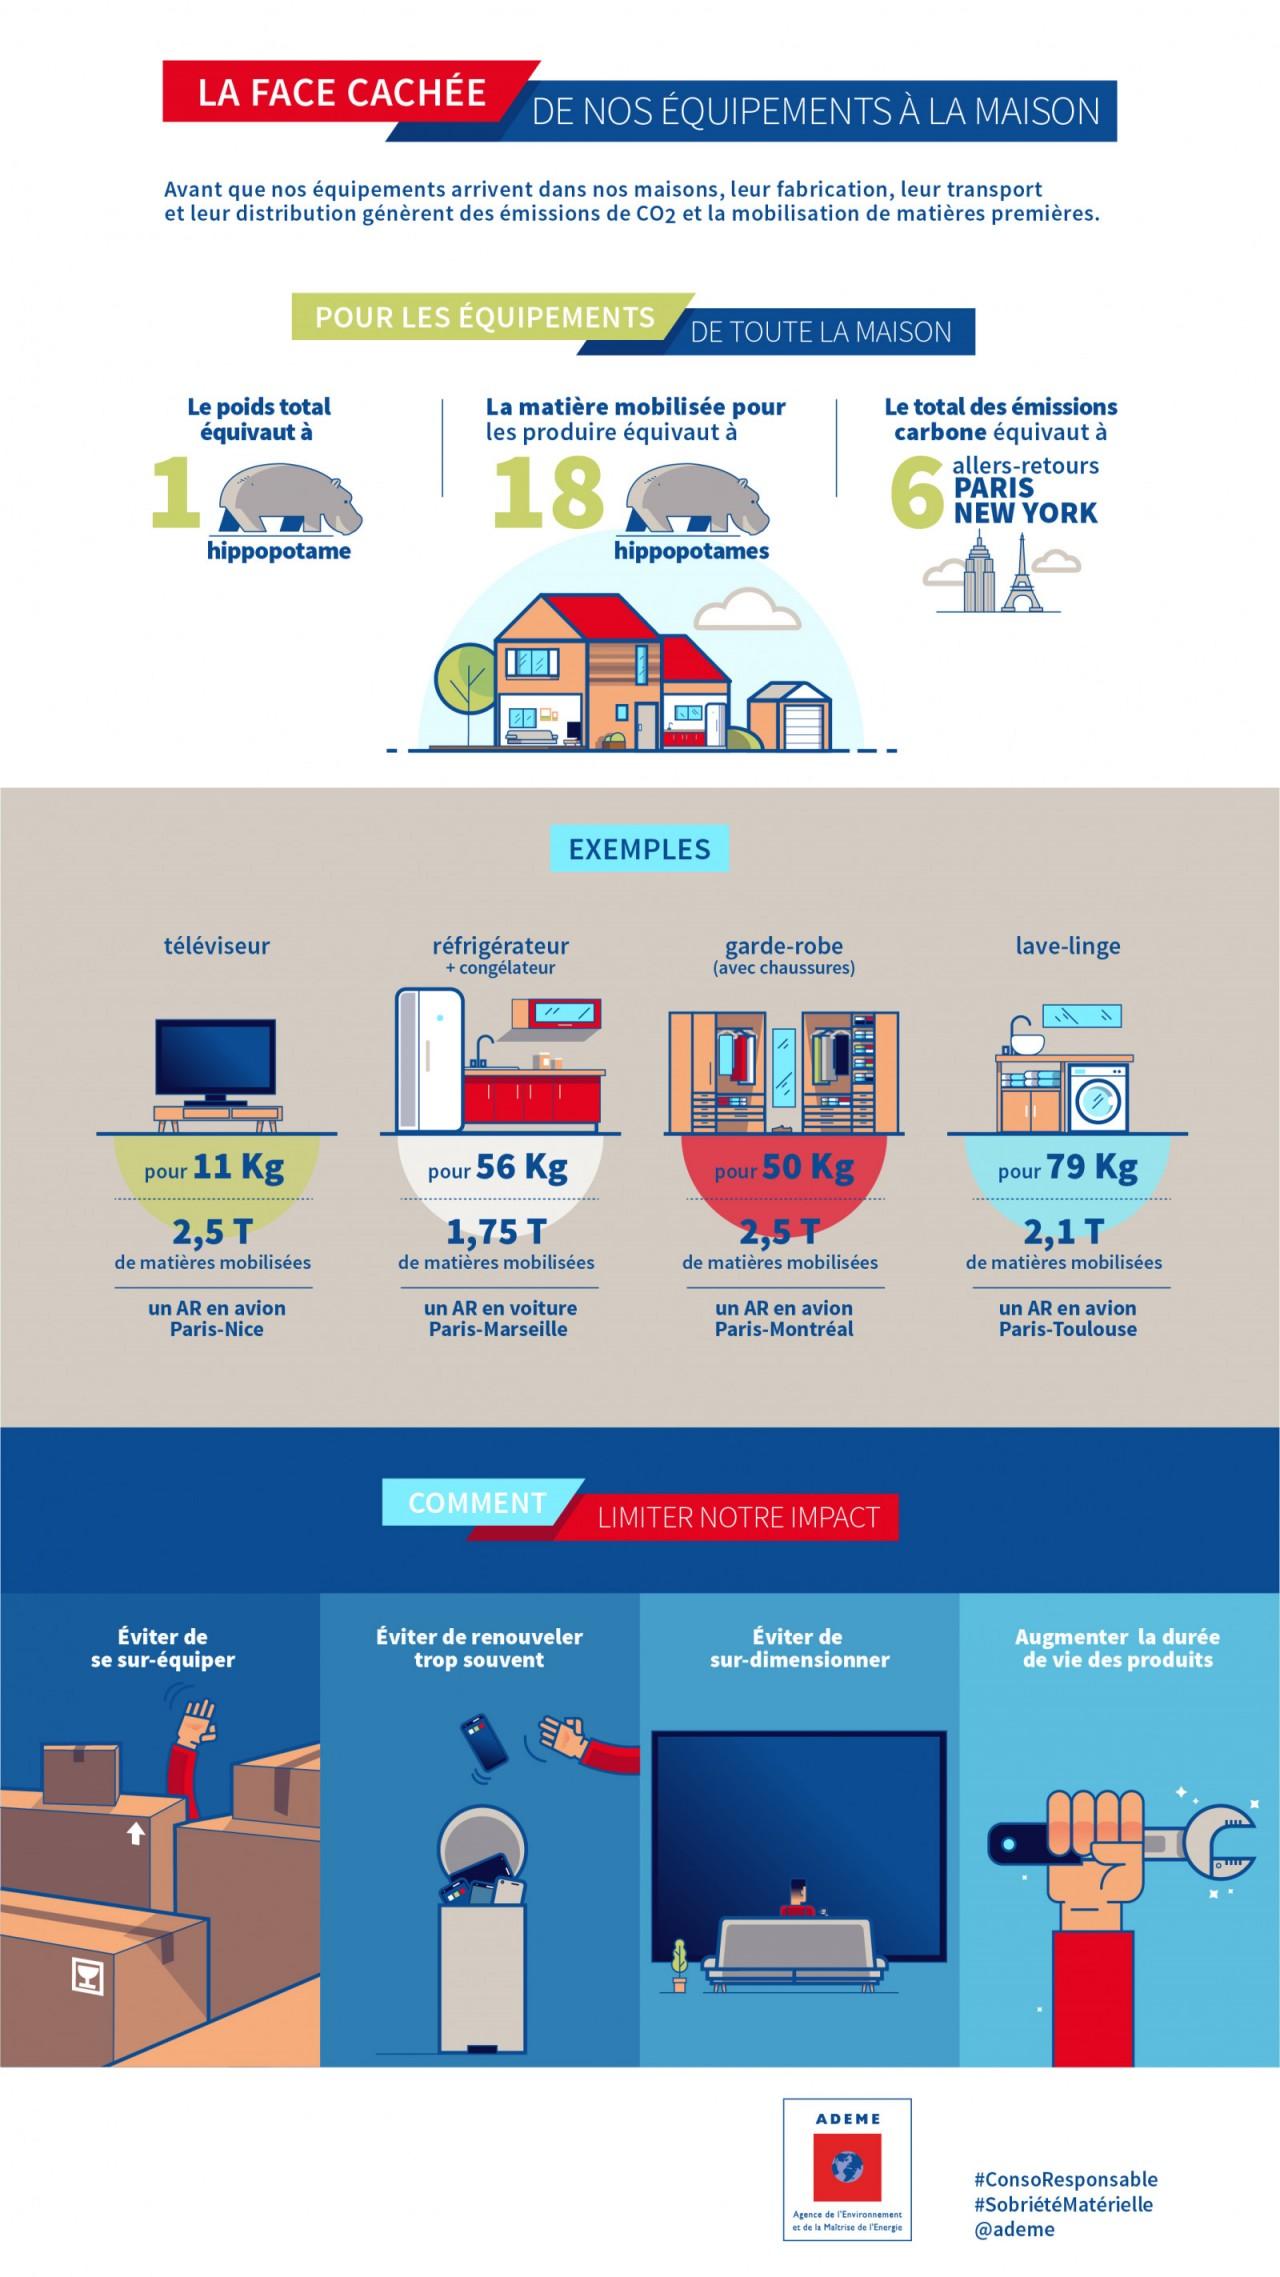 L'impact de nos biens de consommation et équipements électroménagers sur l'environnement